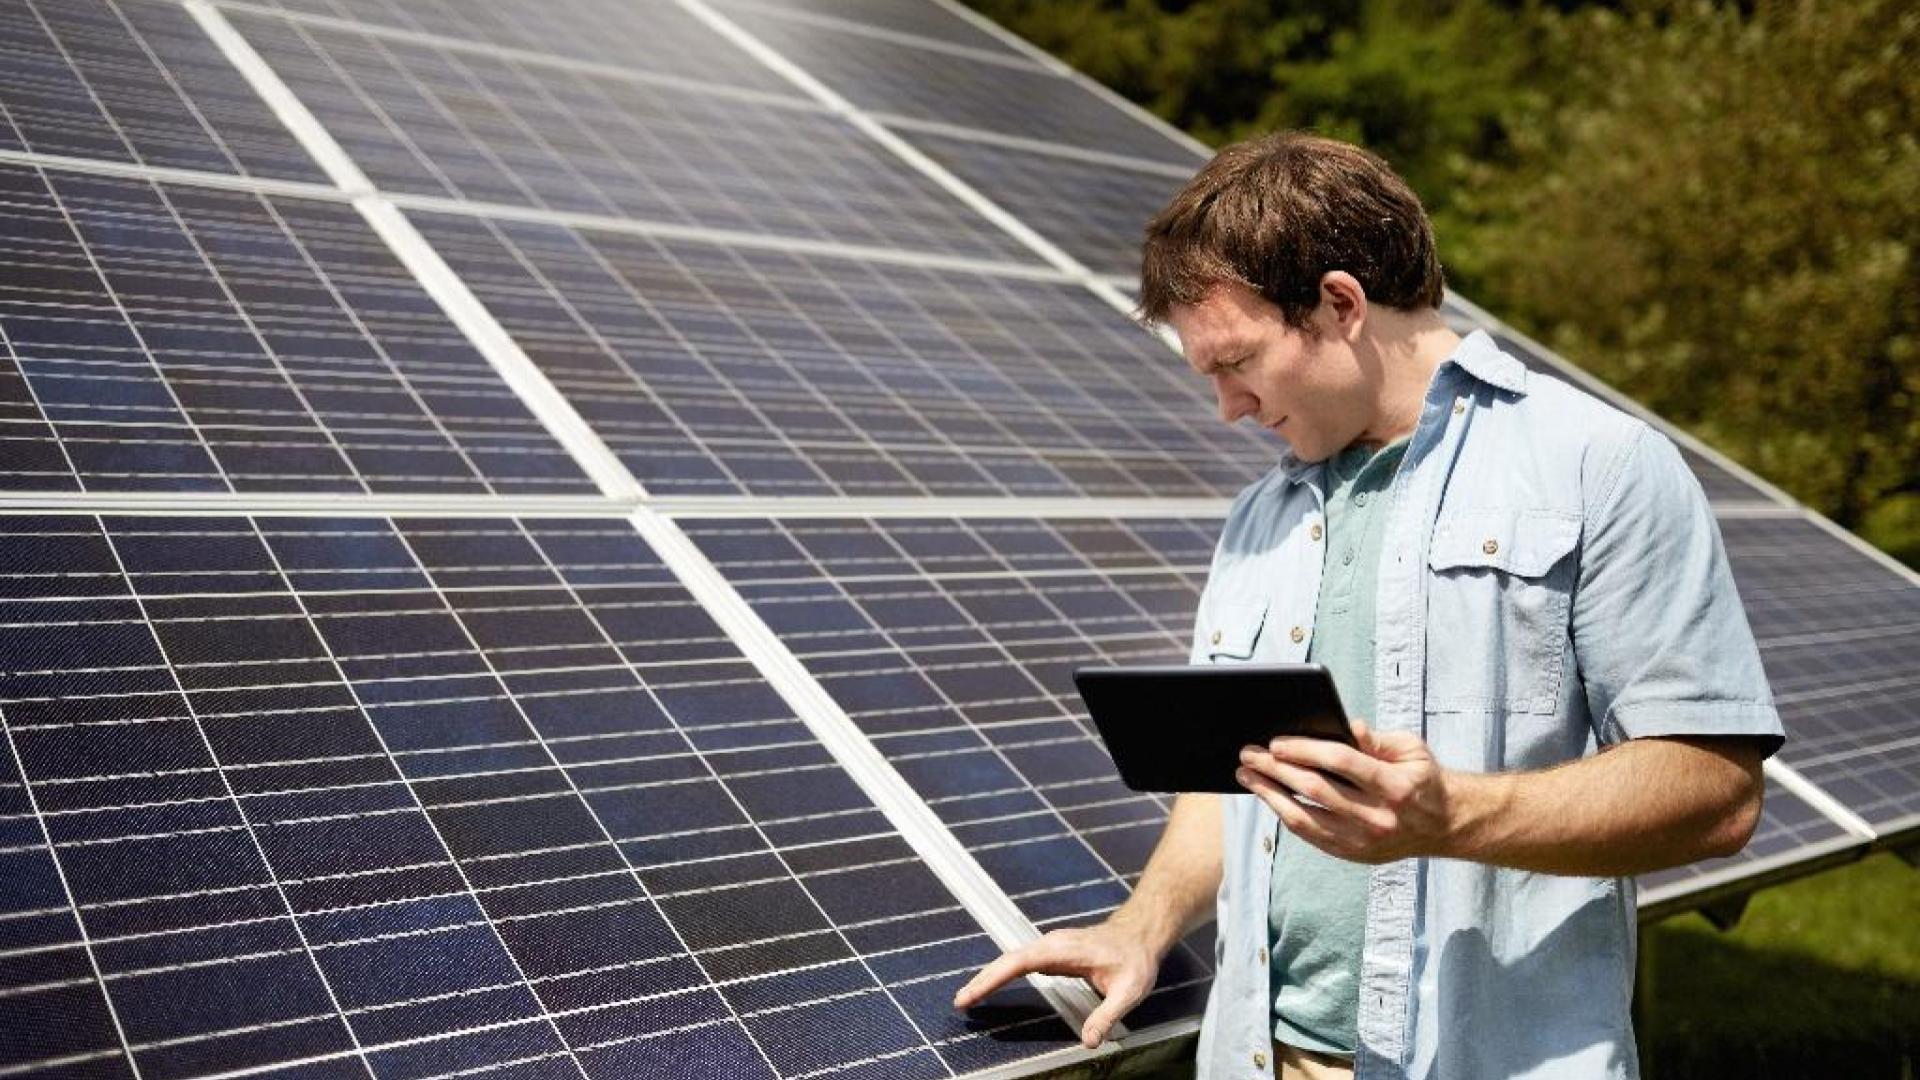 Obtention d'une attestation sur l'honneur - installation solaire